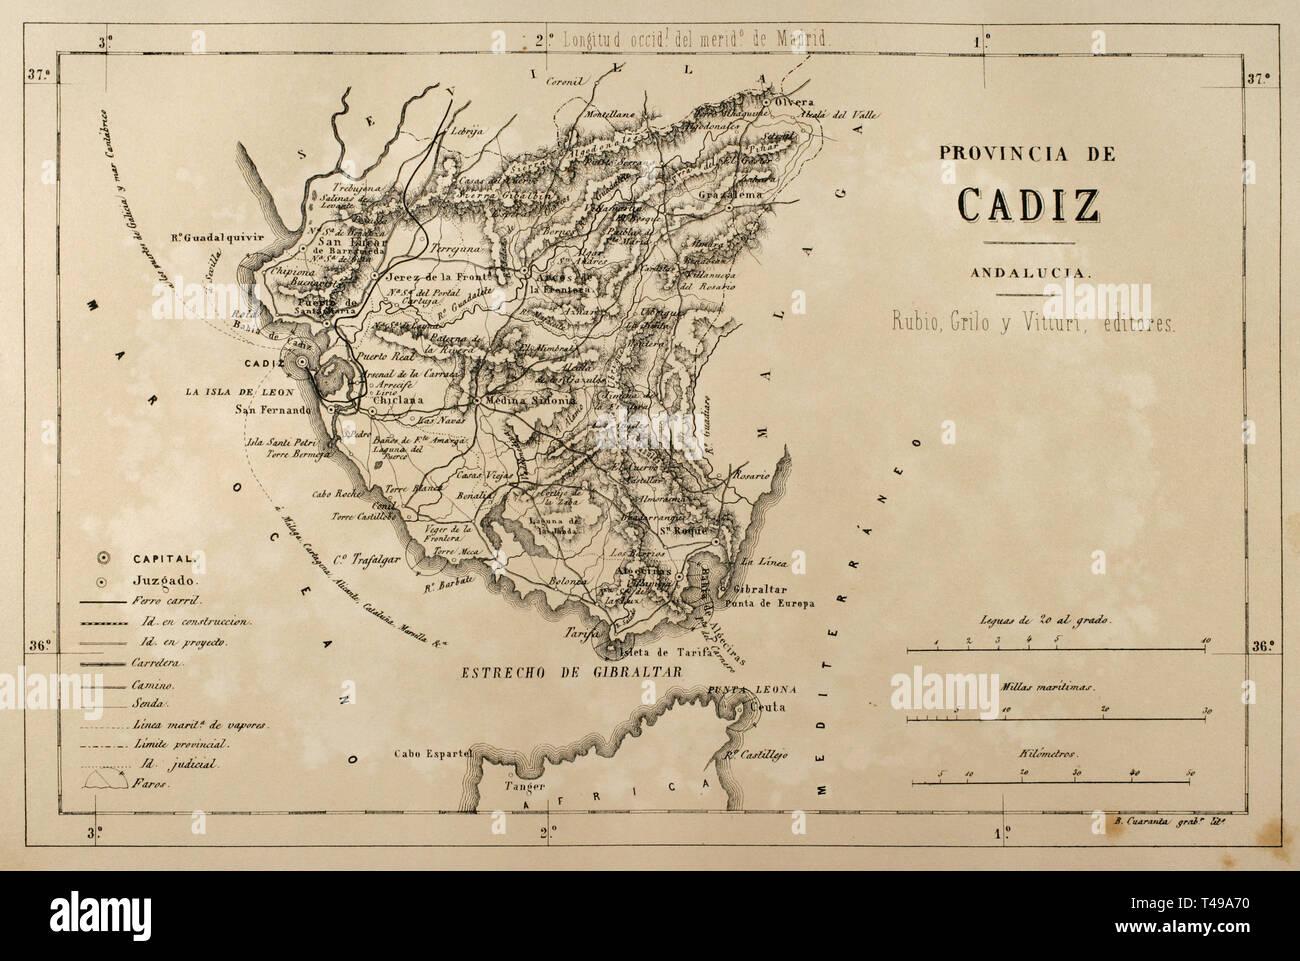 Karte Andalusien Cadiz.Landkarte Von Andalusien Stockfotos Landkarte Von Andalusien